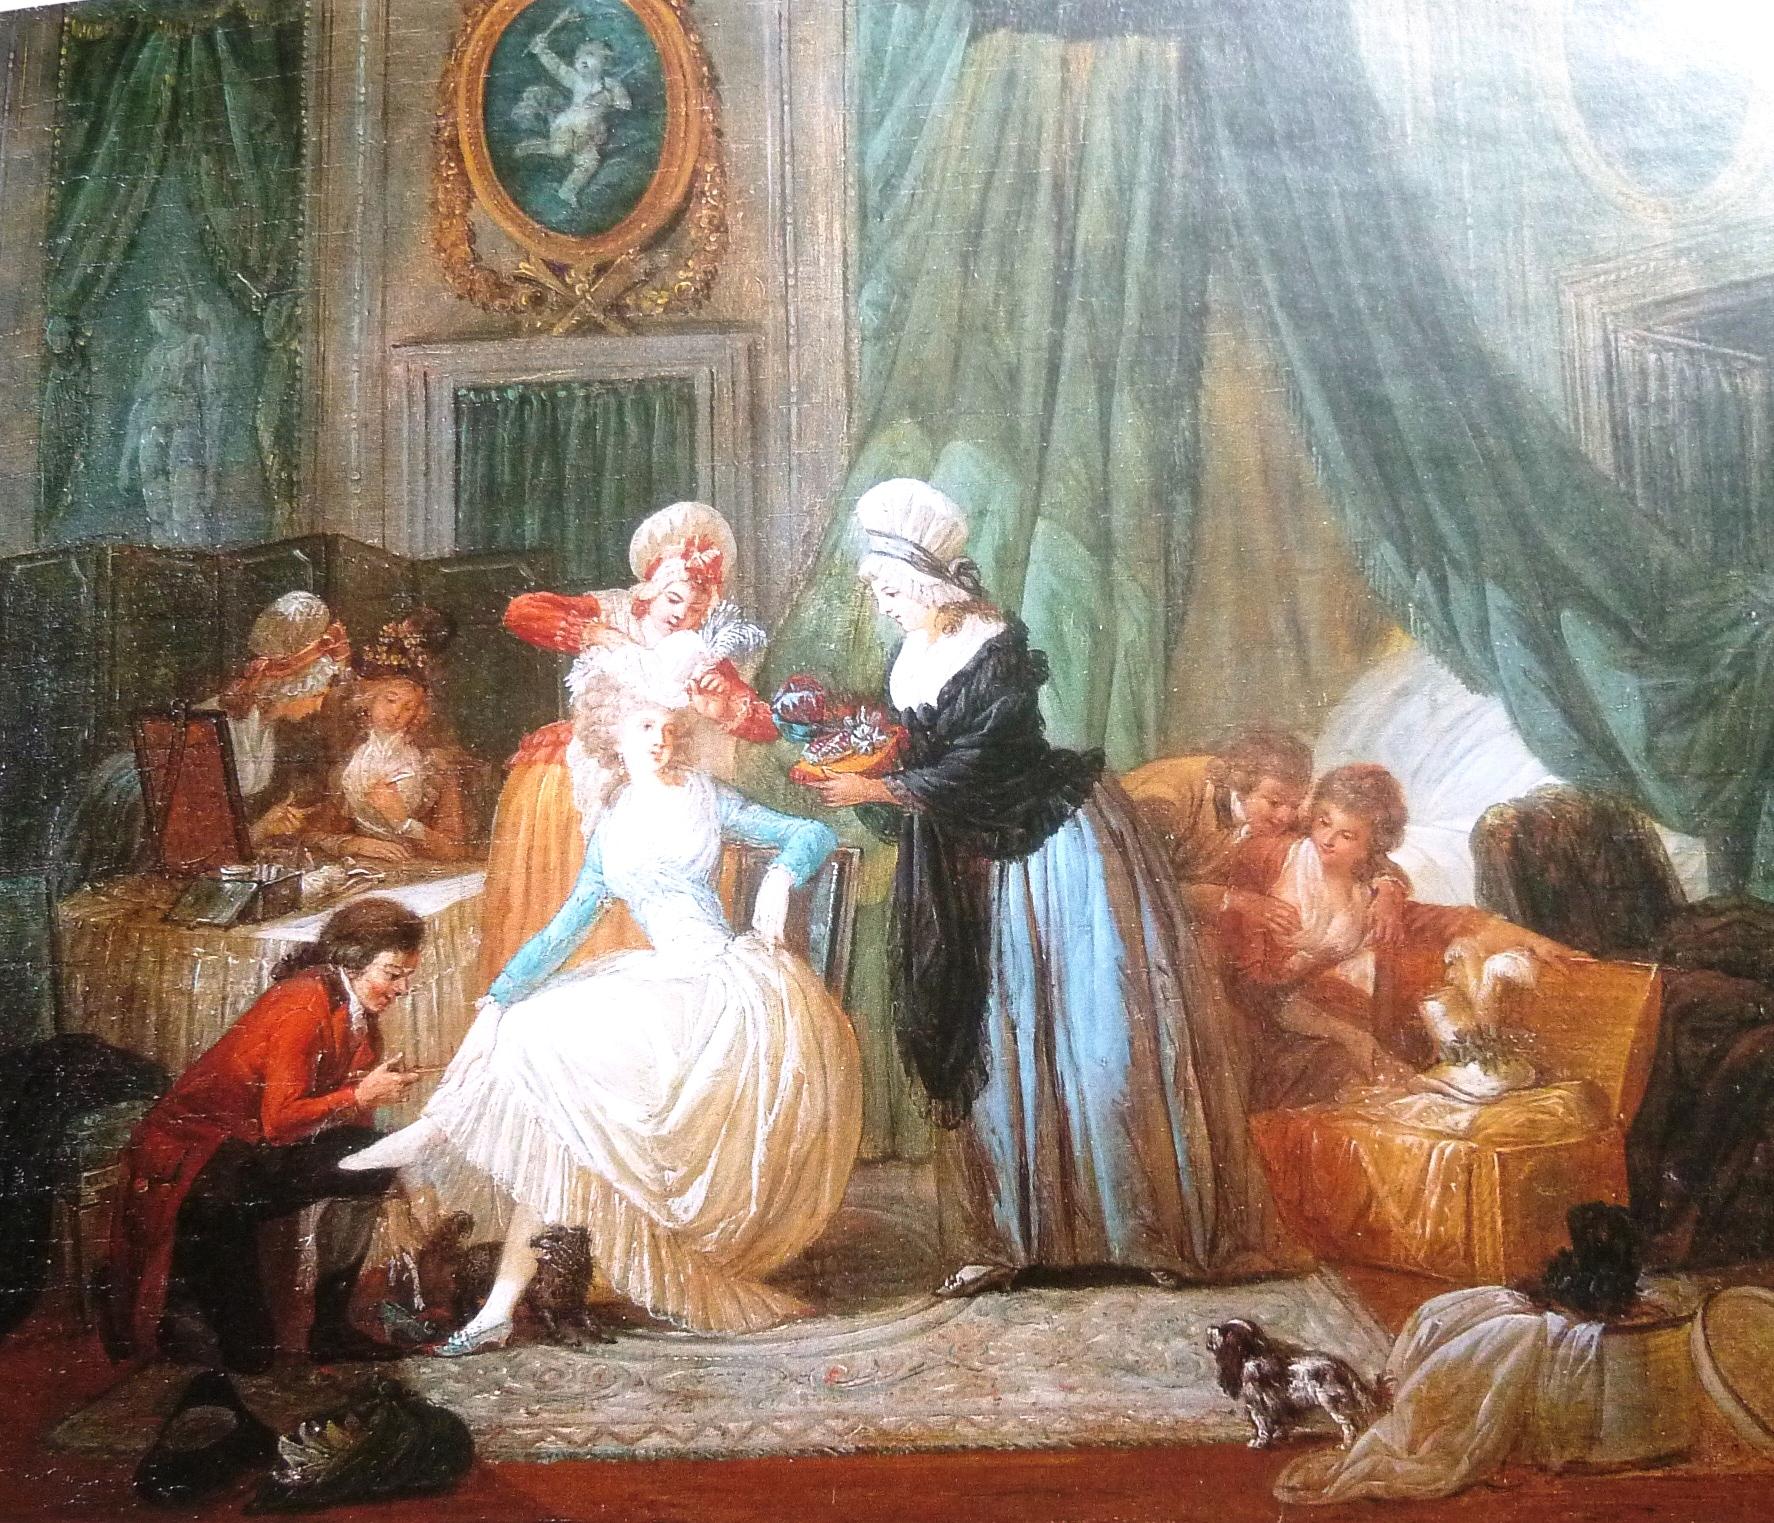 Watteau-Citoyenne-toilette-Arras-1791-Watteau-Lenglart-Virnot-Prouvost-Dehau-Quecq d'Henriprêt-Lethierry d-Ennequin-Barrois-de Fosseux-de Raismes